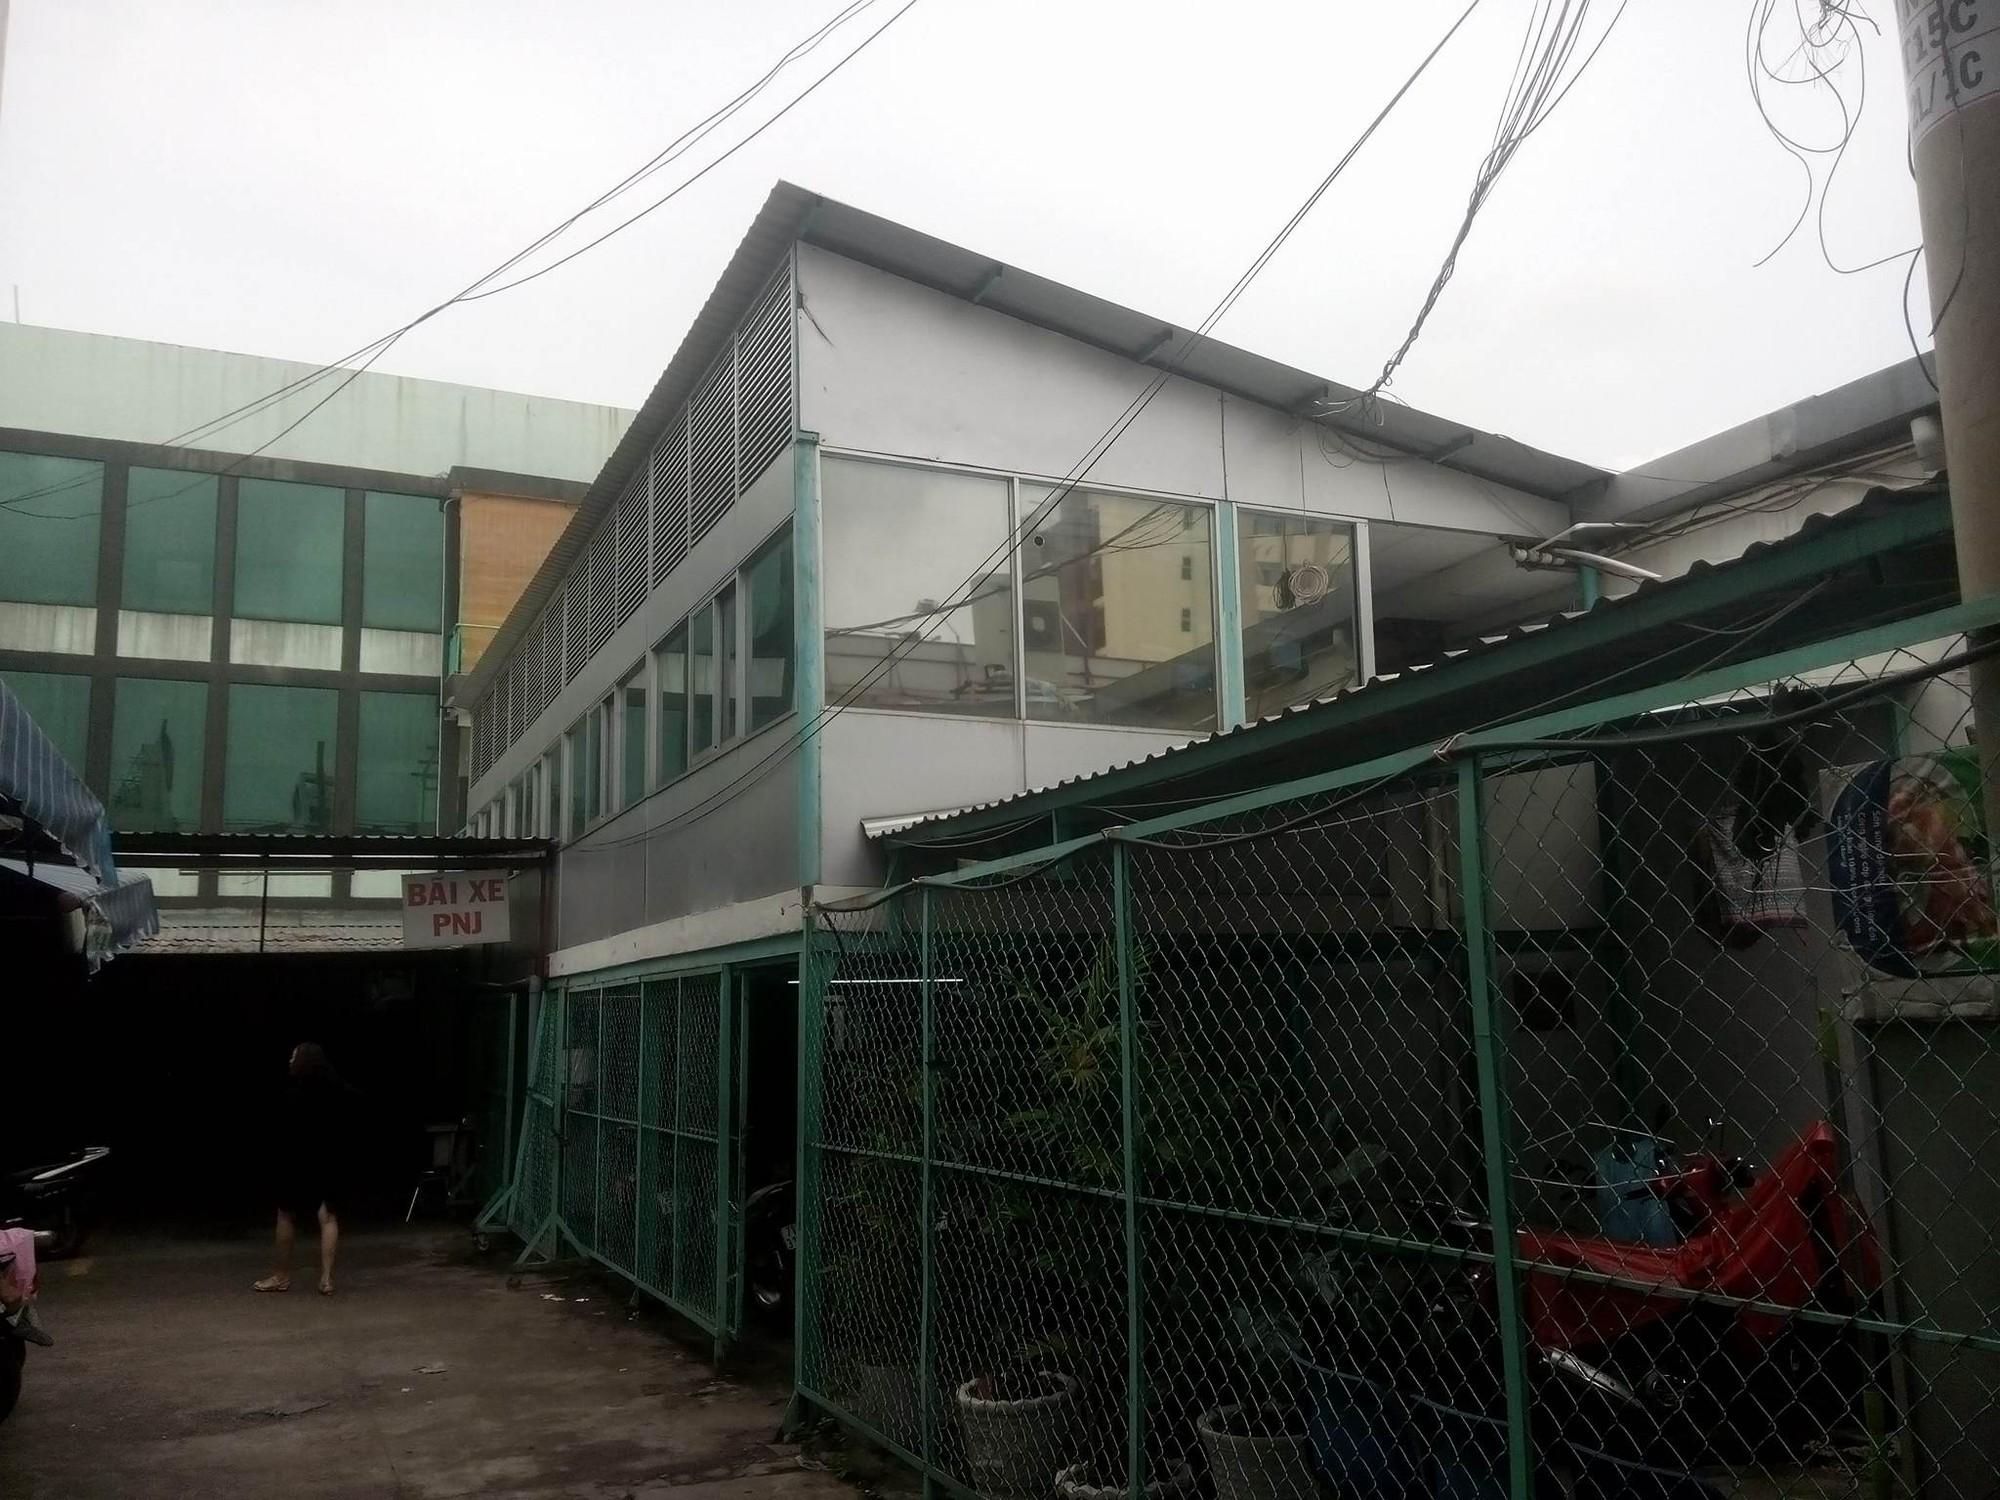 Sự thật vụ nam thanh niên leo mái nhà ăn trộm, đục phải đường điện tử vong ở Sài Gòn - Ảnh 4.